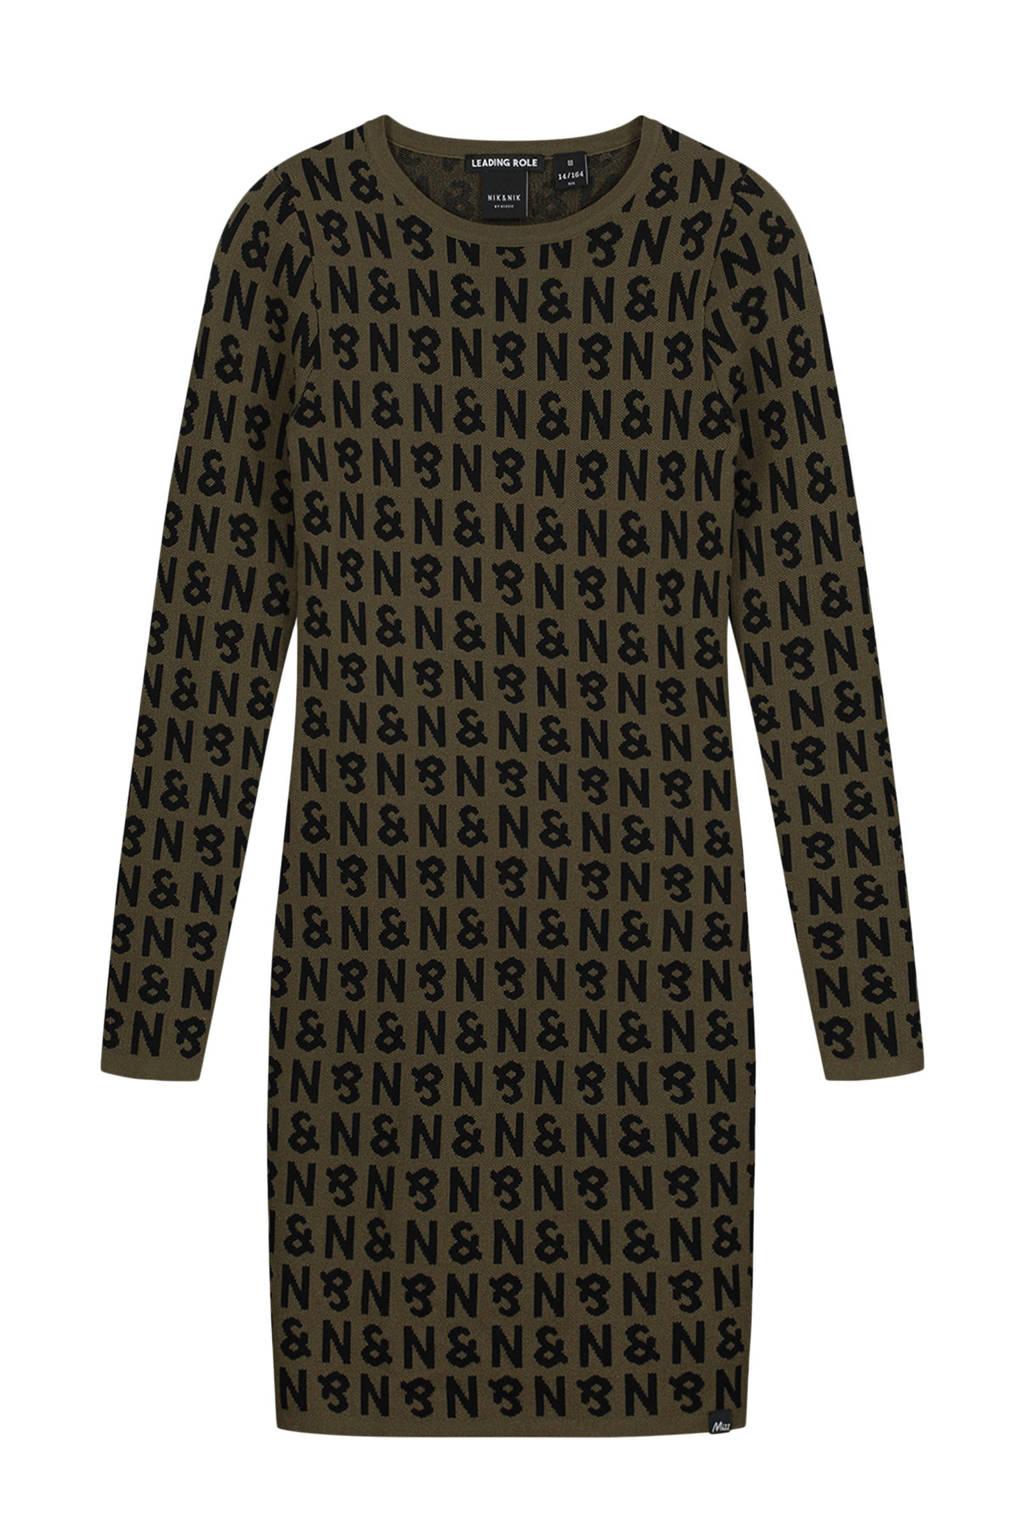 NIK&NIK jurk Aada met all over print army groen/zwart, Army groen/zwart